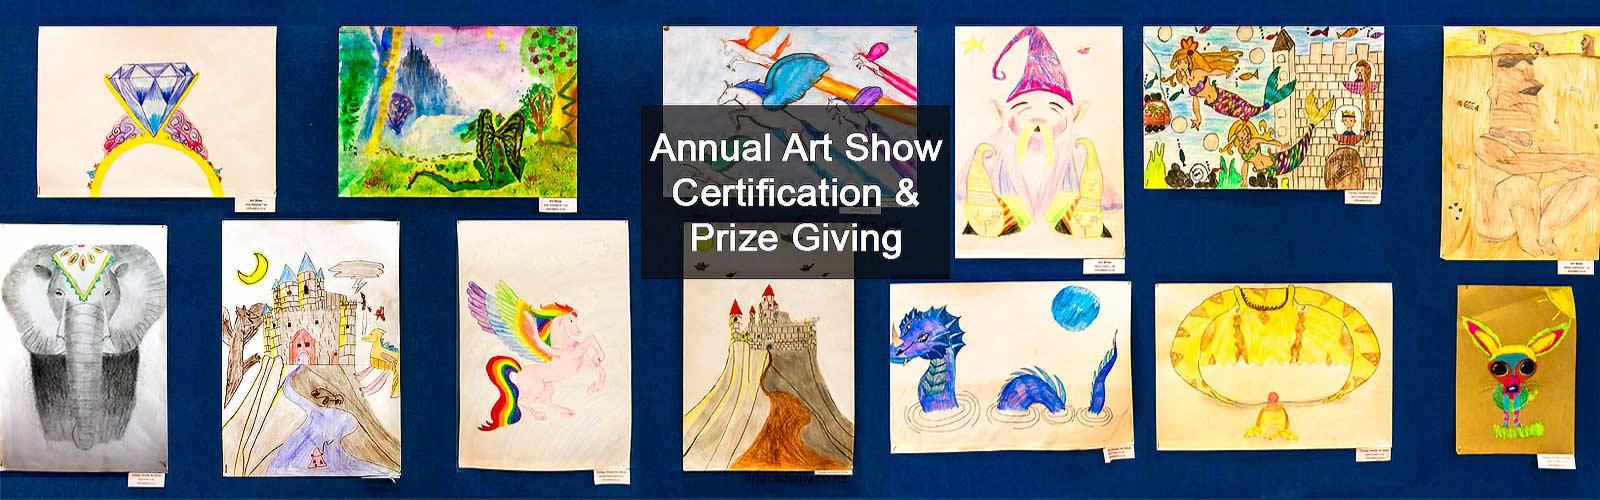 Art-Academy-Kids-Art-Show--Auckland